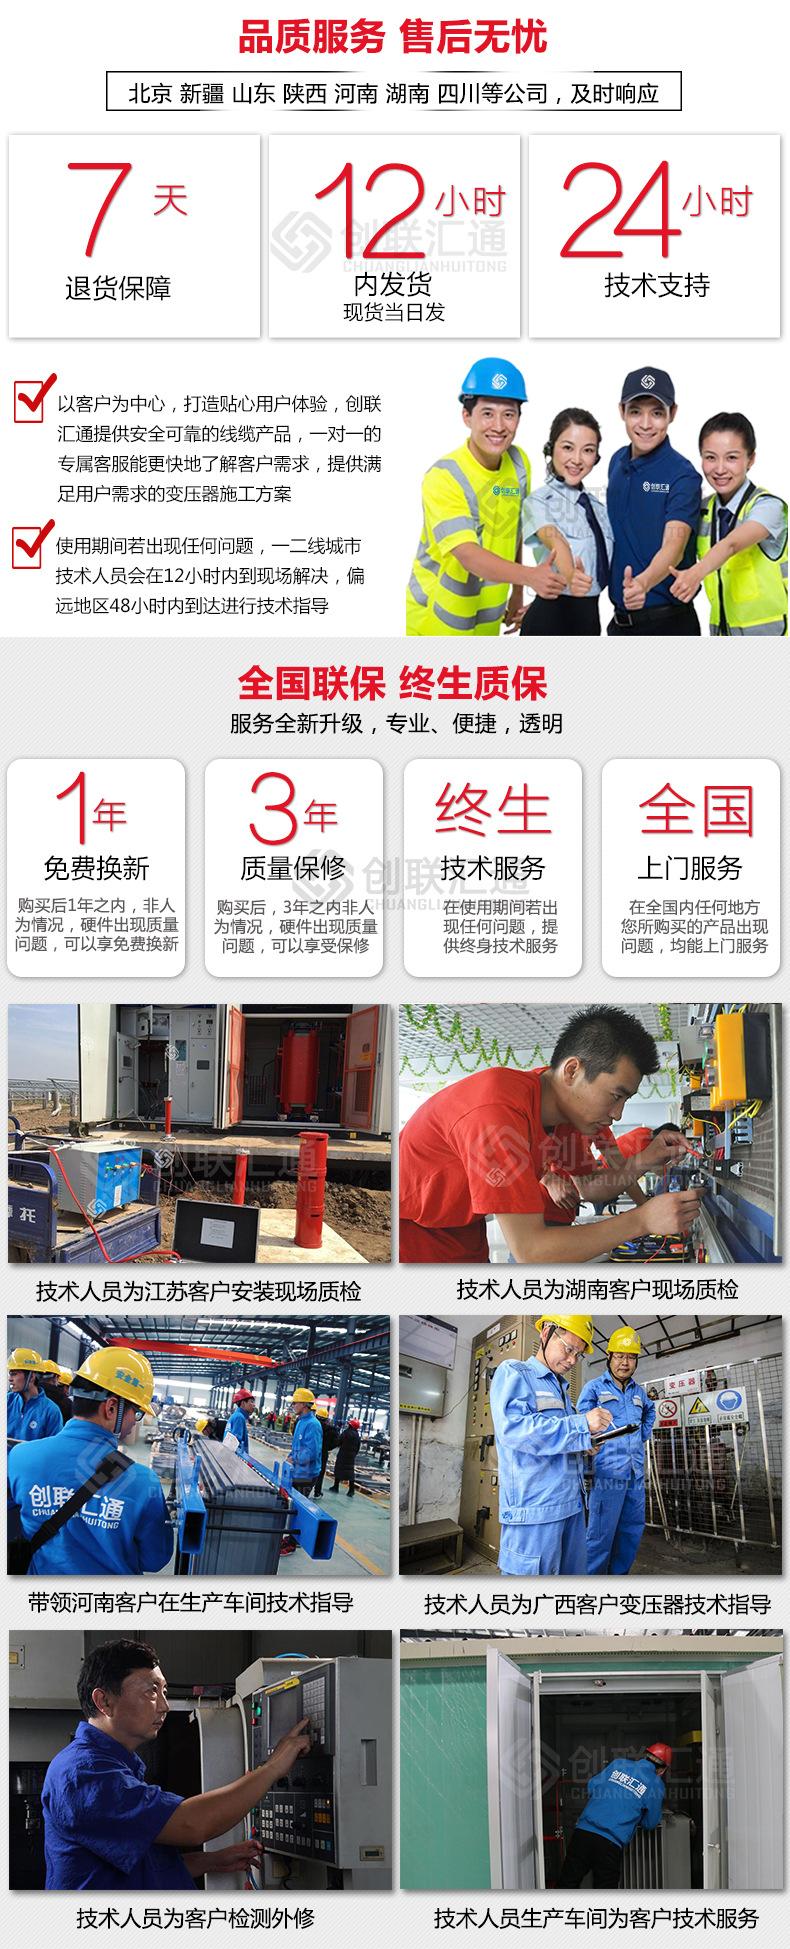 630kva电力箱式变压器 户外成套箱式变压器厂家-亚博集团官网示例图10